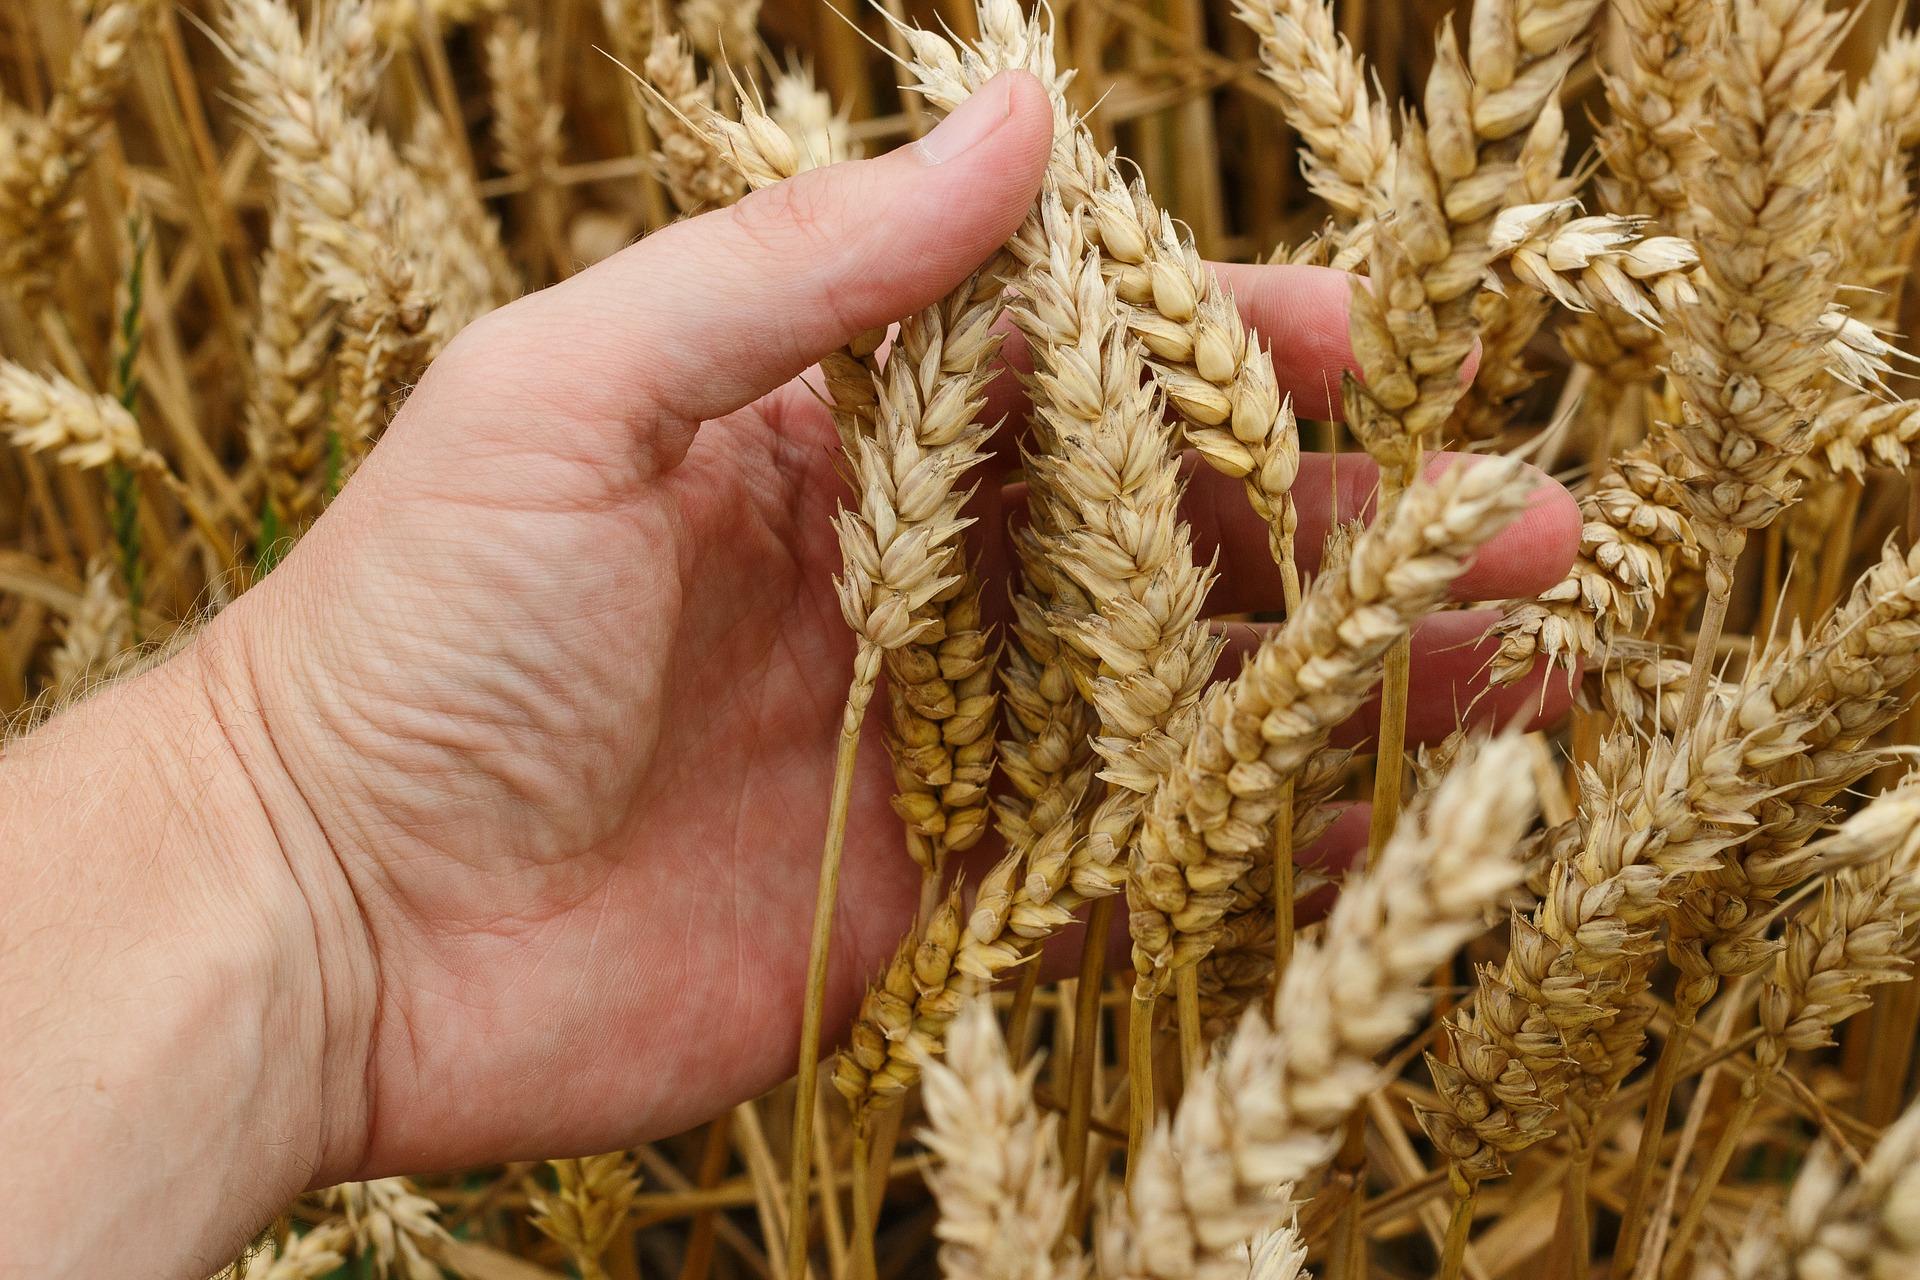 Новий механізм банківських гарантій для форвардів на зерно вирівняє можливості всіх виробників — Лещенко